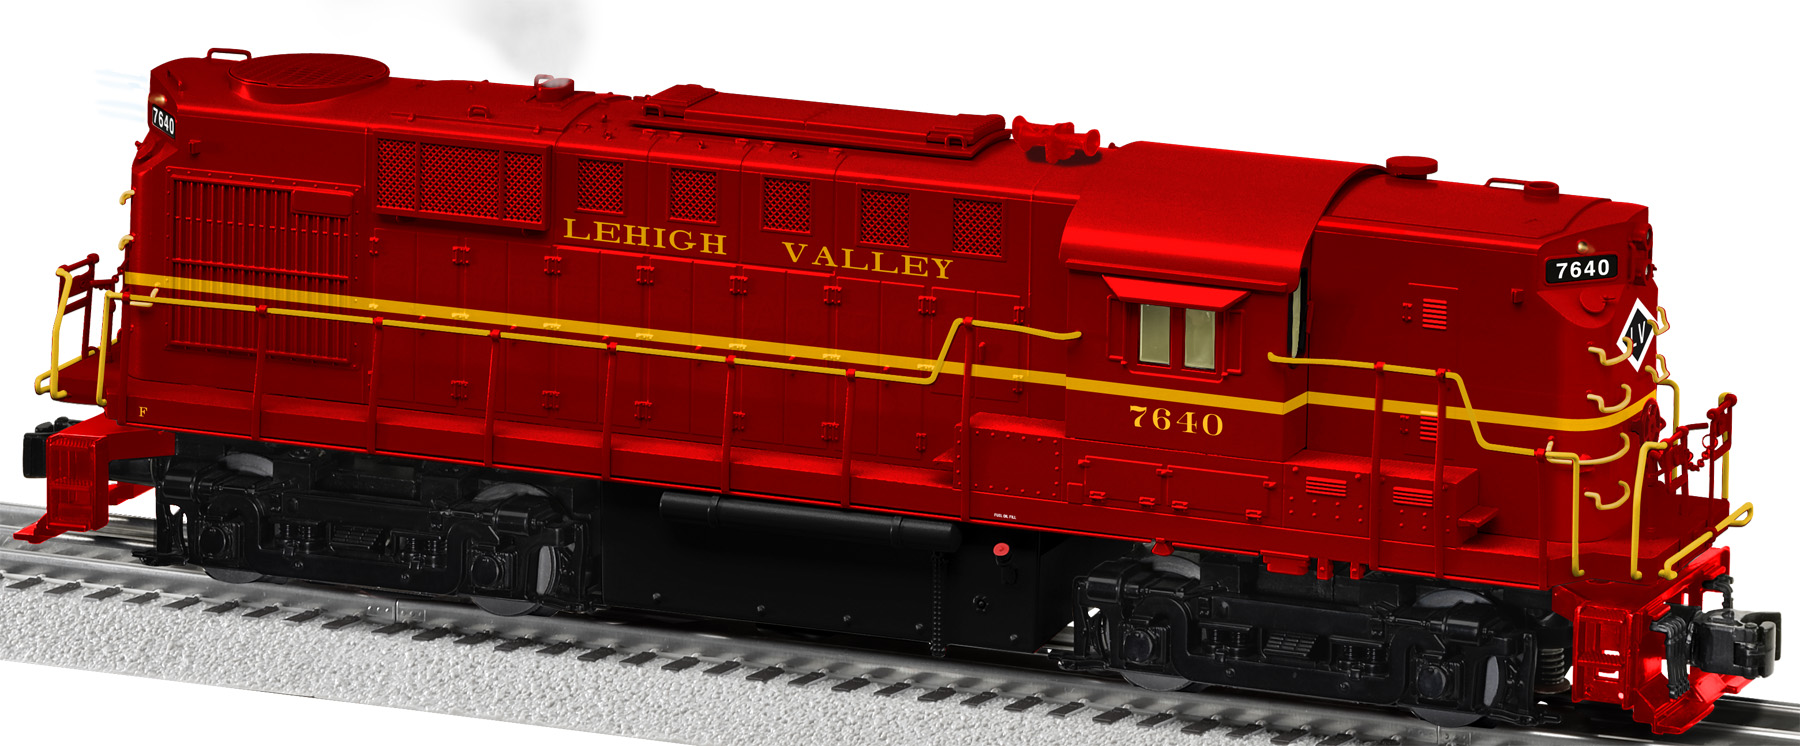 Lehigh Valley Legacy Scale Rs 11 Diesel 7640